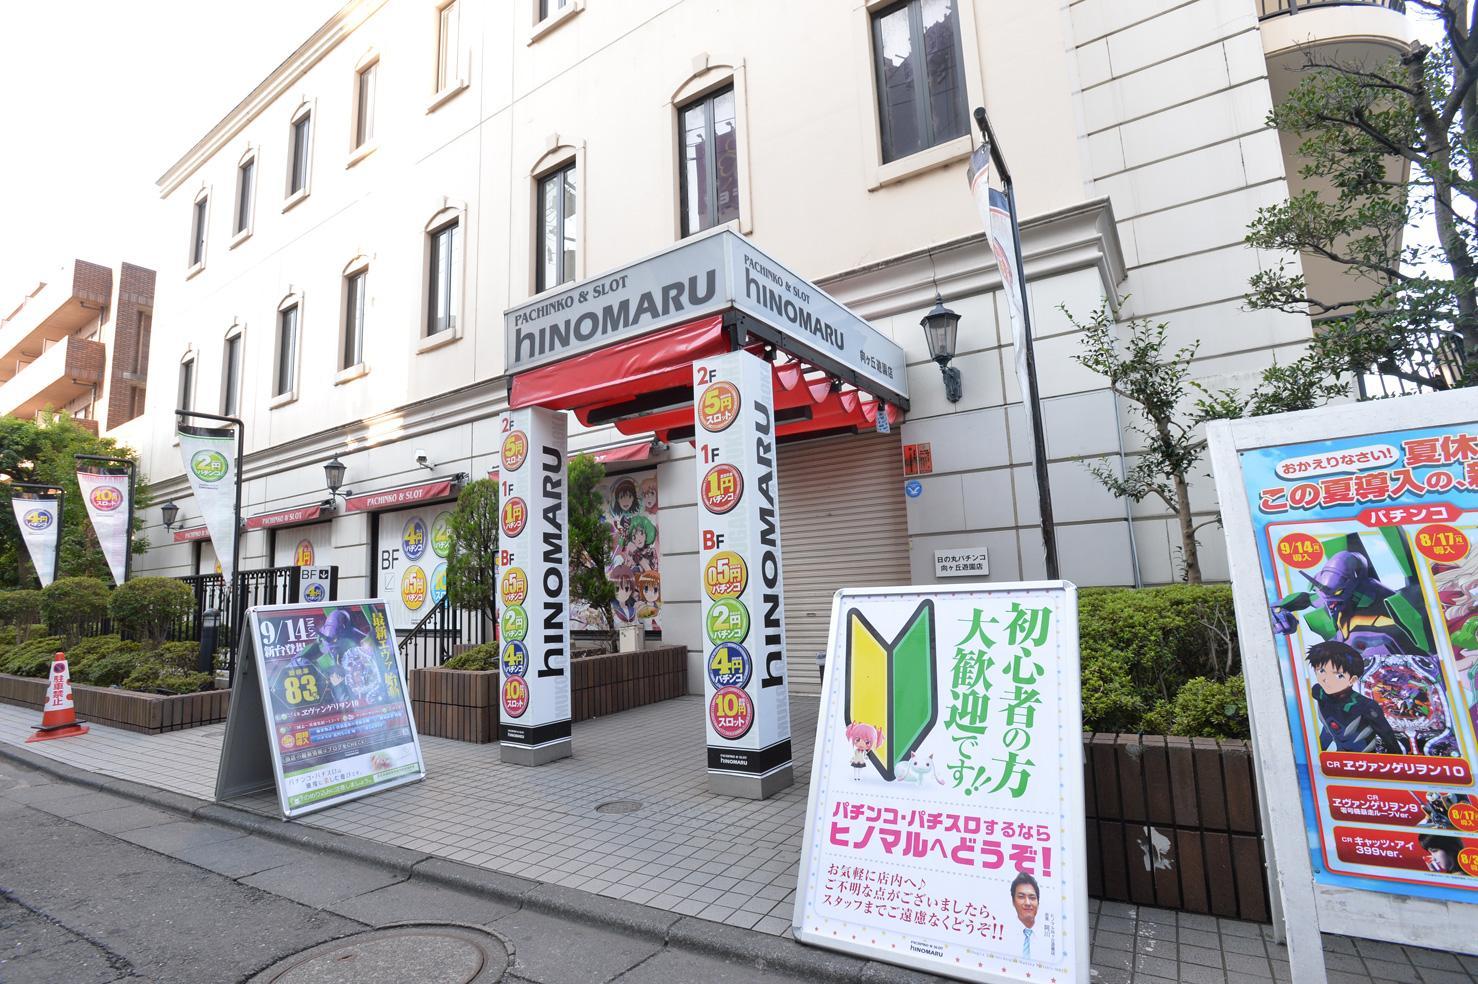 登戸・向ケ丘遊園のおすすめパチンコ店:ヒノマル向ヶ丘遊園店